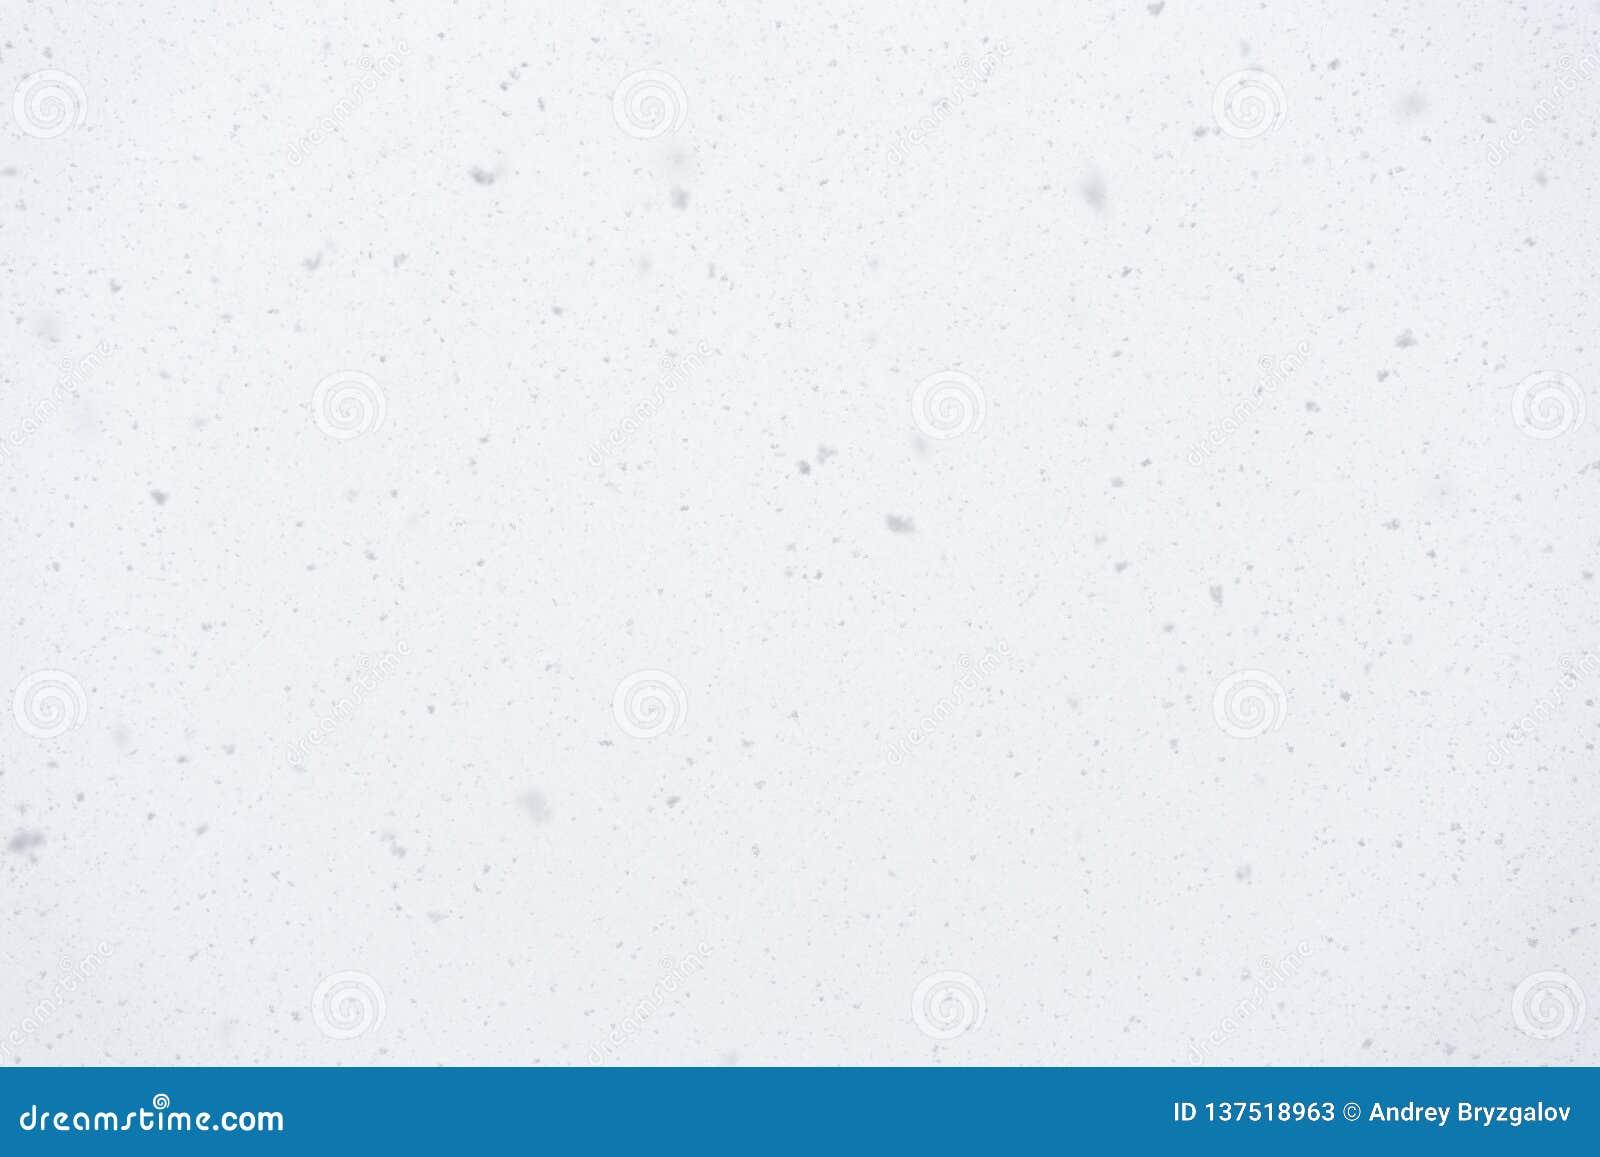 Flocos de neve de queda reais no fundo claro, tempo da tempestade de neve, chuveiro de neve natural no dia de inverno, foco macio